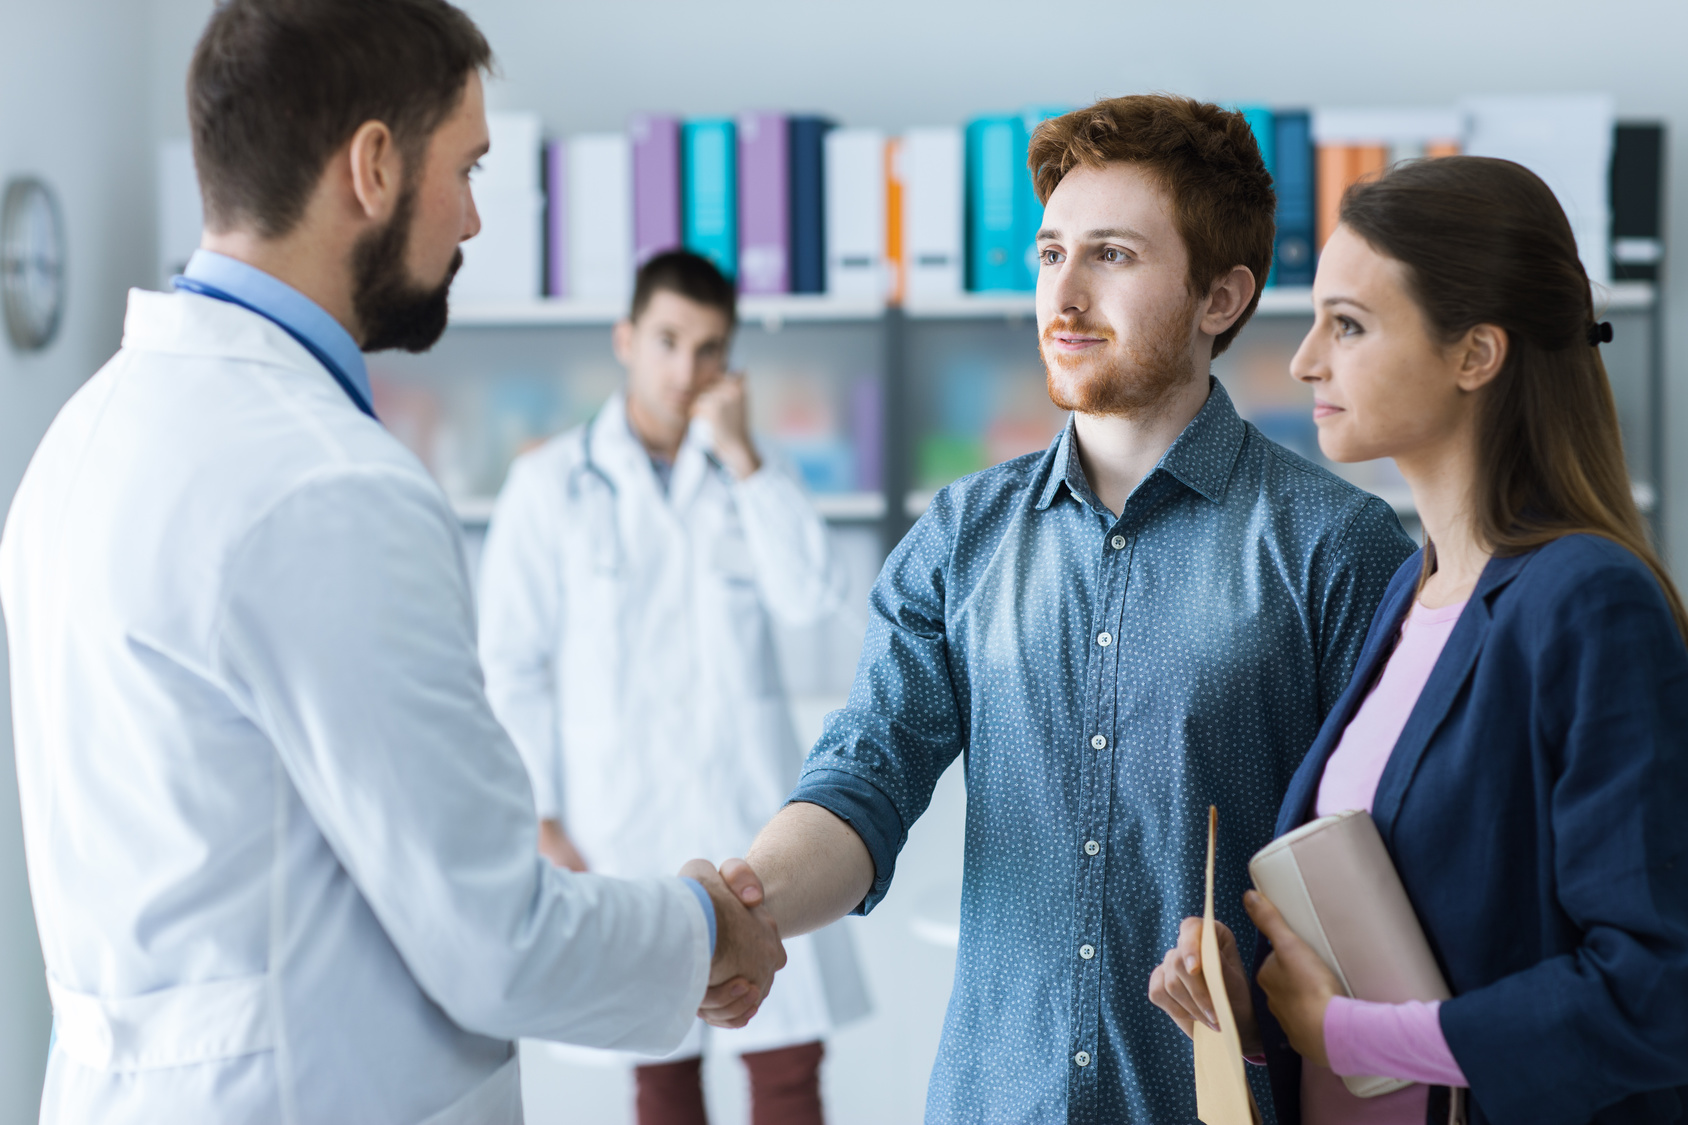 Para w gabinecie lekarskim. Lekarz podaje dłoń mężczyźnie /Ilustracja do tekstu: Pierwsza wizyta w klinice leczenia niepłodności